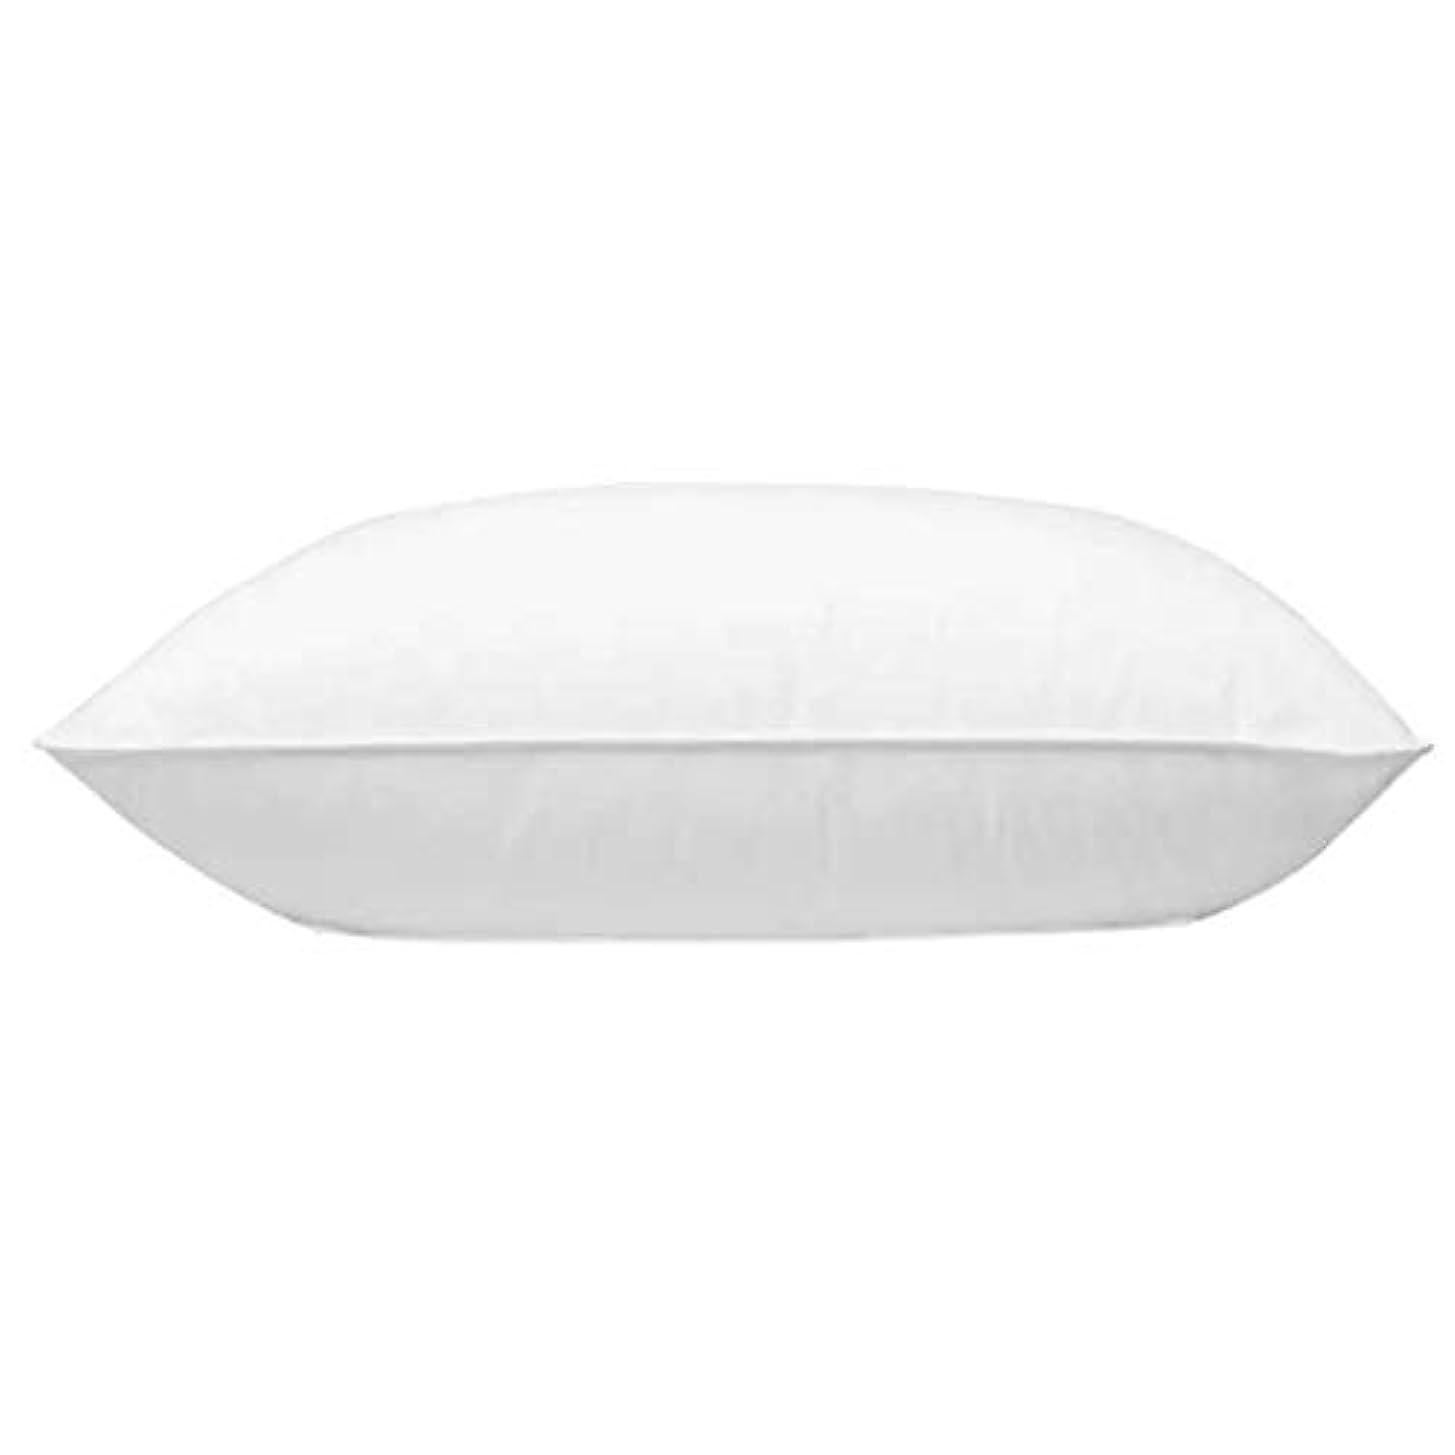 スーダン痛み細胞Jiaba2018 5つ星の特別な枕は、首のシングル枕を洗うことができます